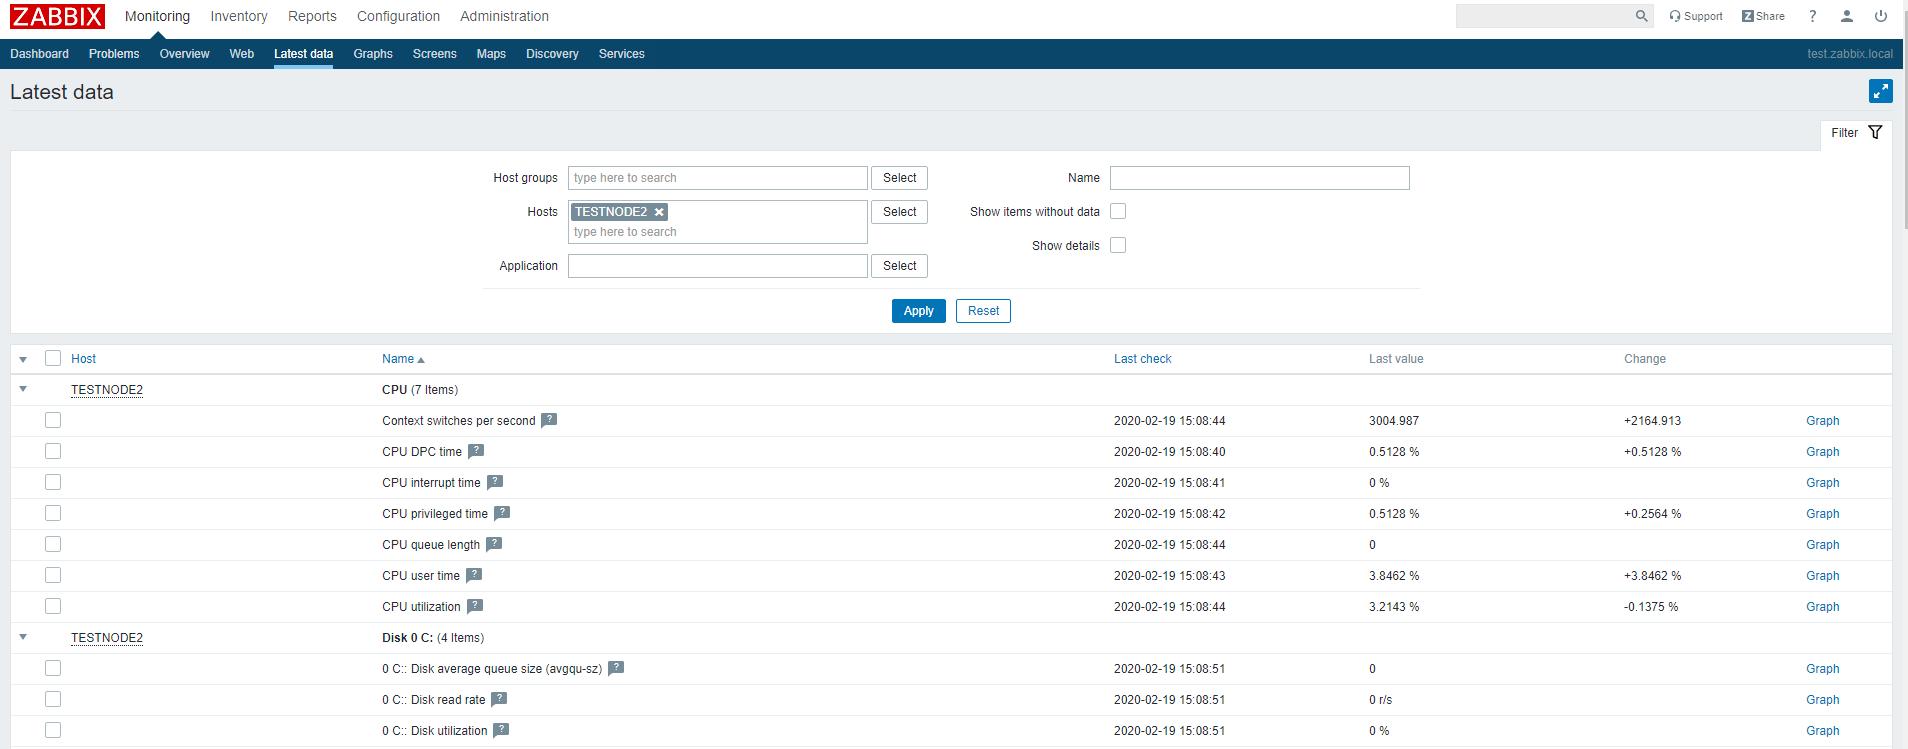 данные об устройстве в веб интерфейсе zabbix